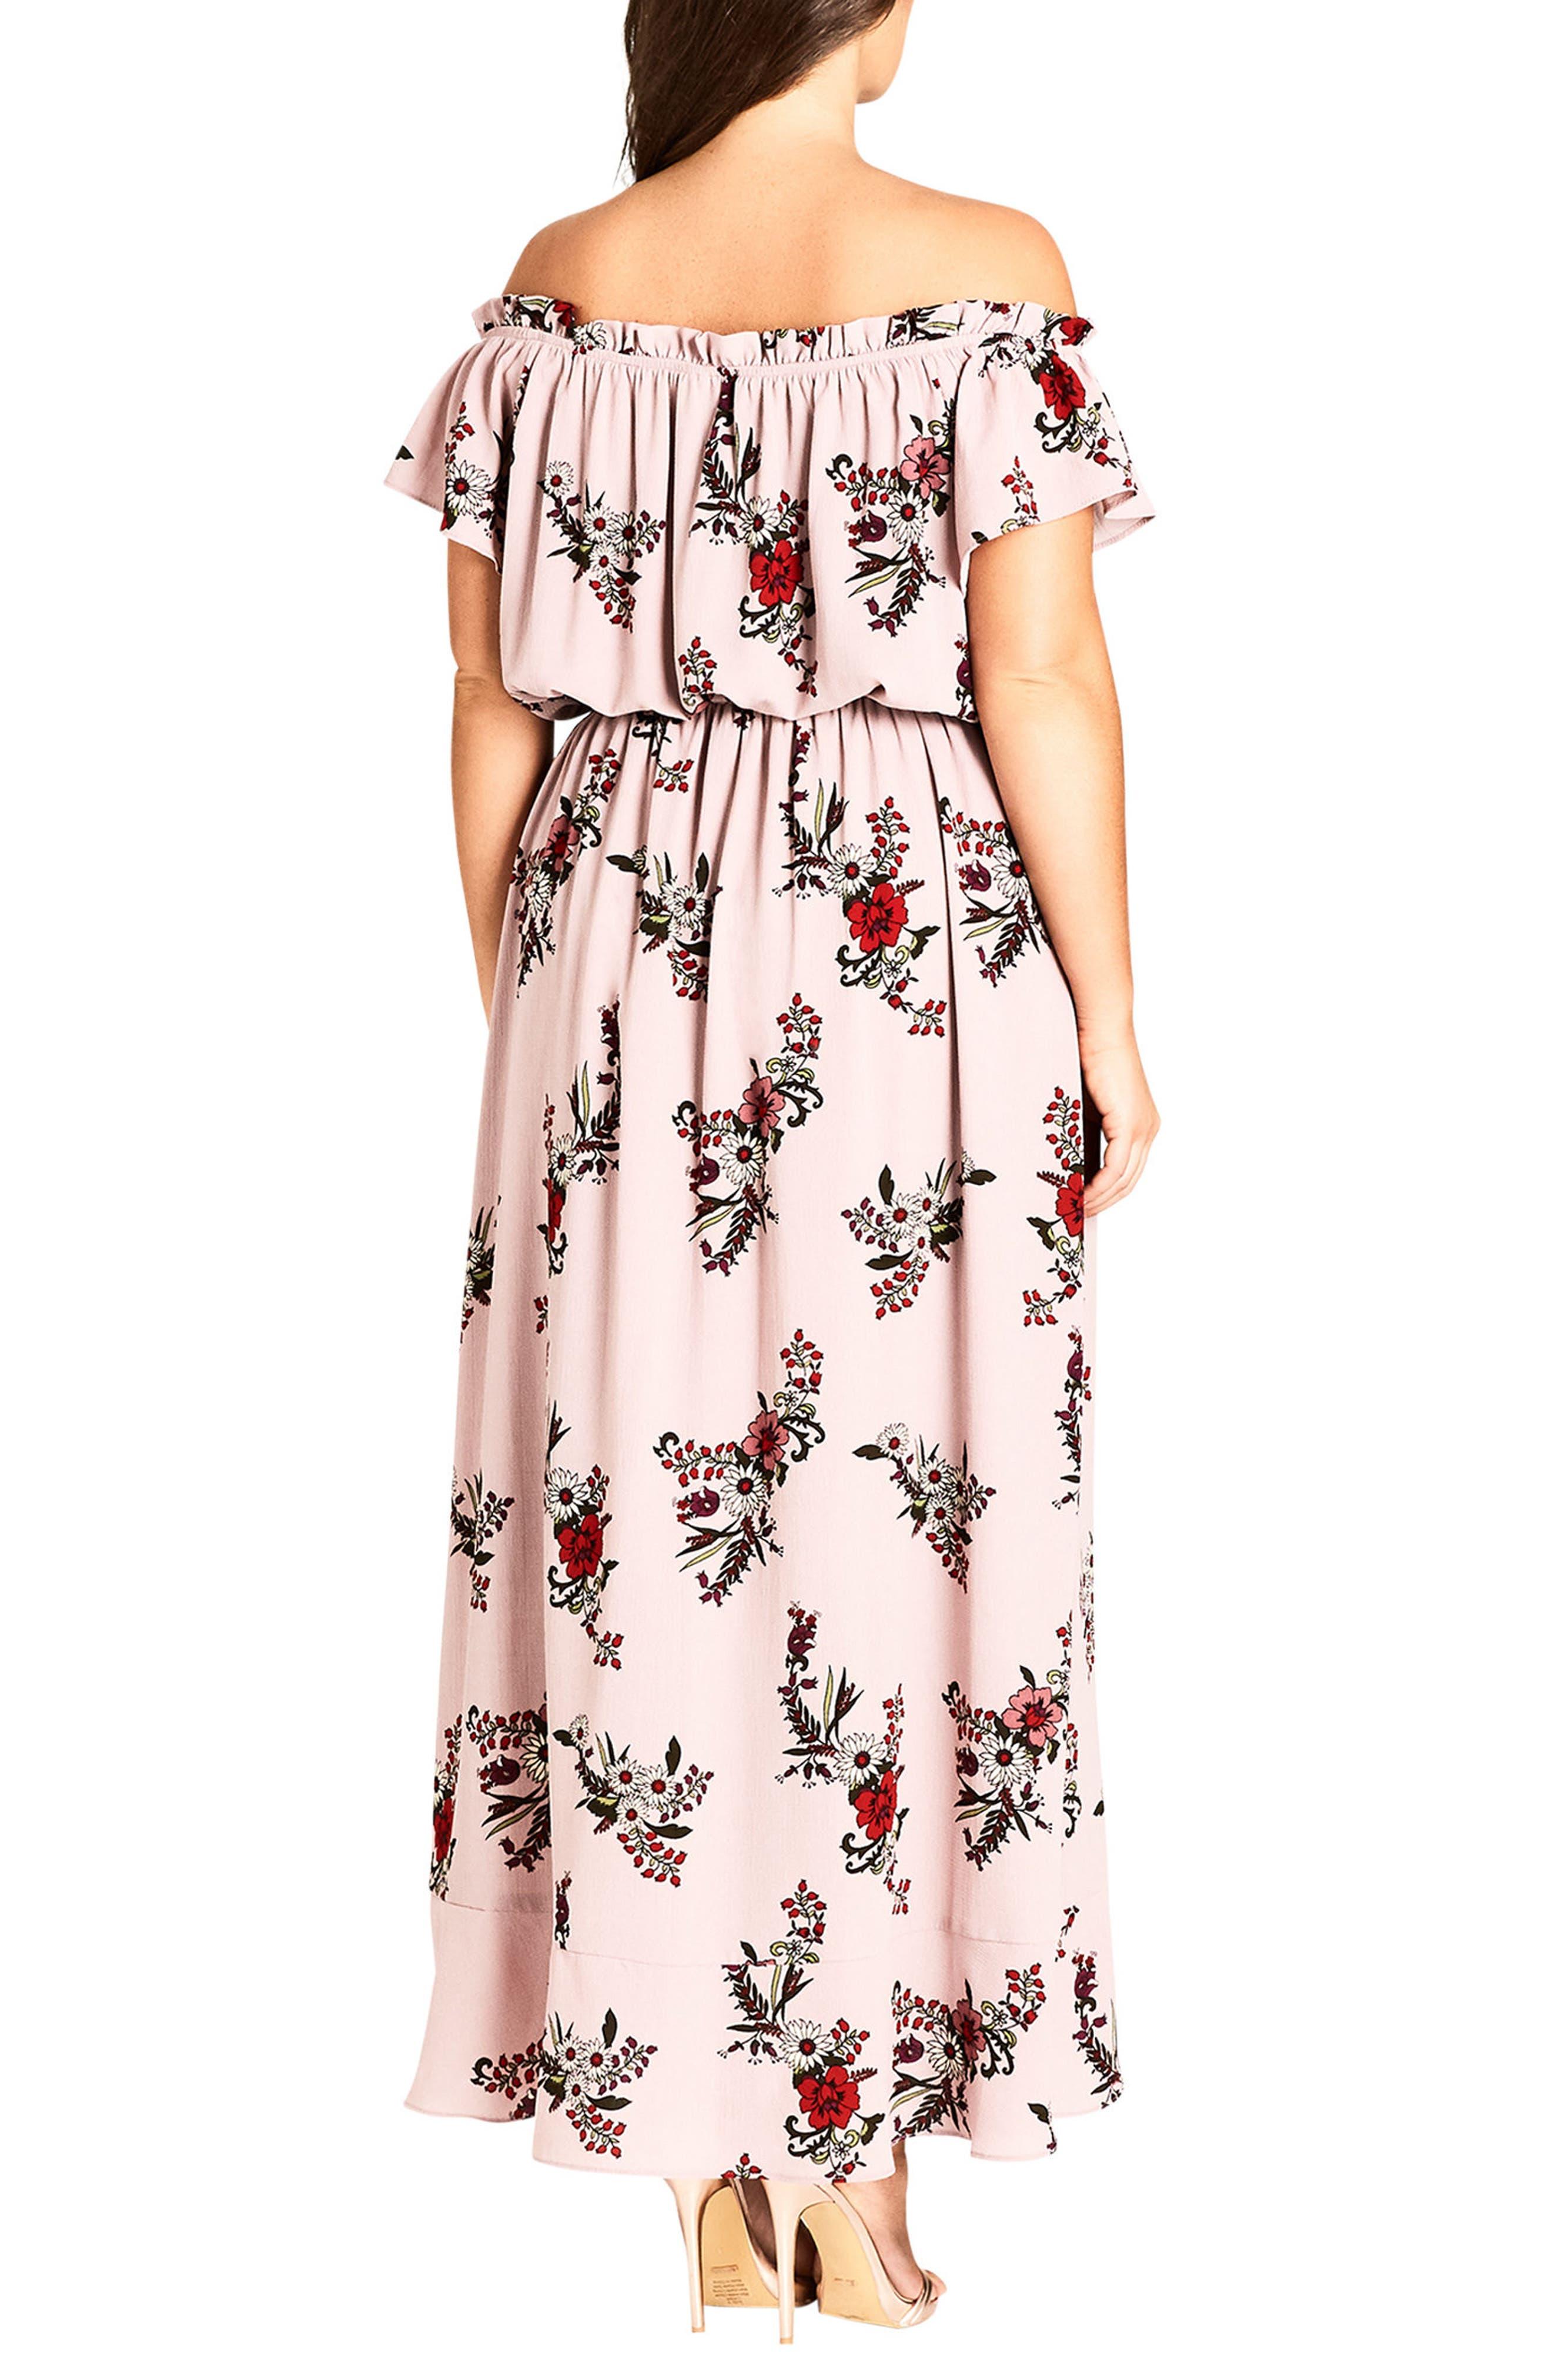 Sky Floral Off the Shoulder Maxi Dress,                             Alternate thumbnail 2, color,                             Skye Floral